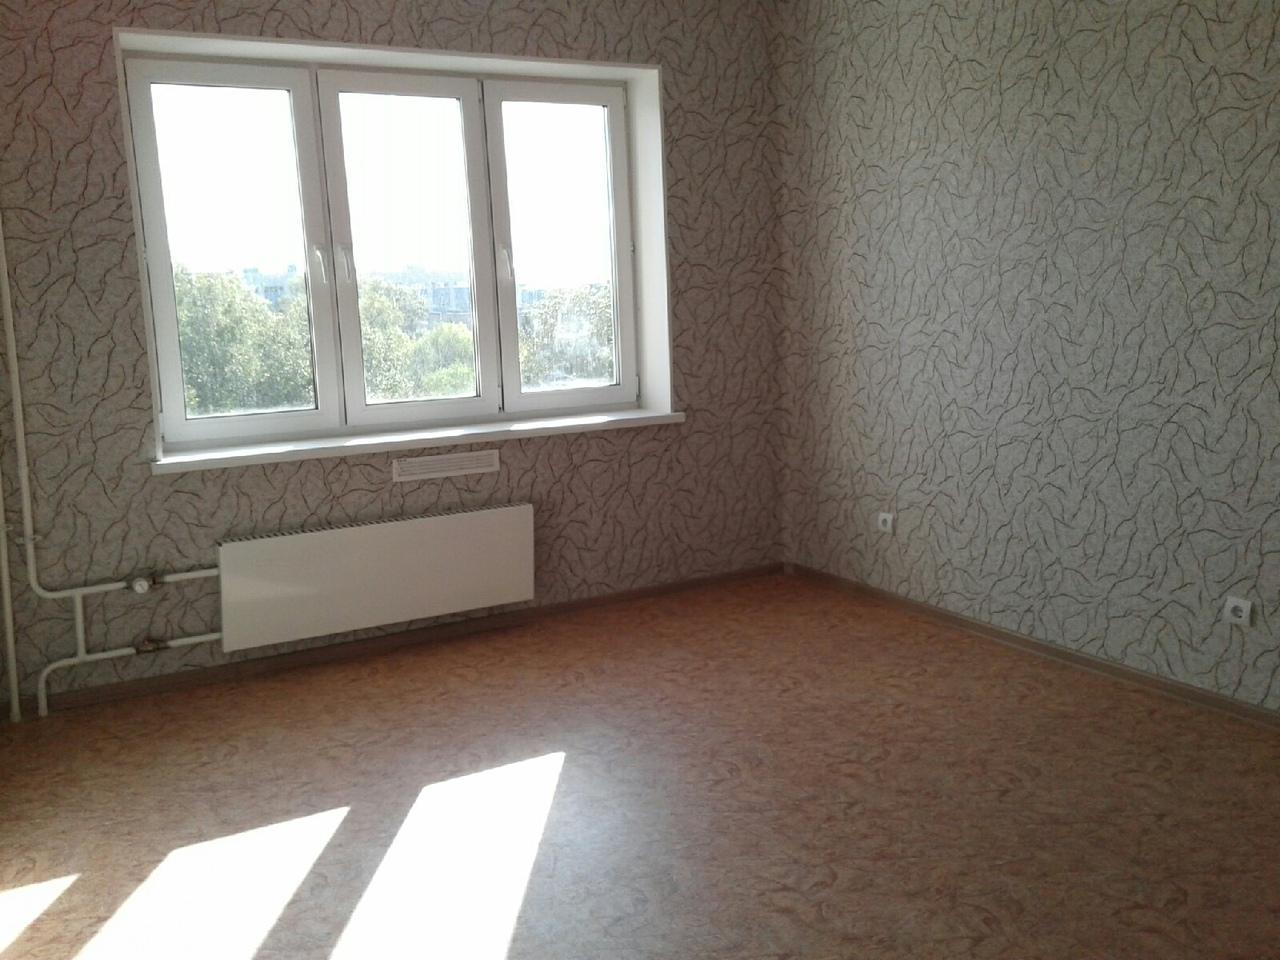 Чиновницы омской мэрии в прошлом году активно покупали квартиры и дома в ипотеку #Омск #Общество #Сегодня